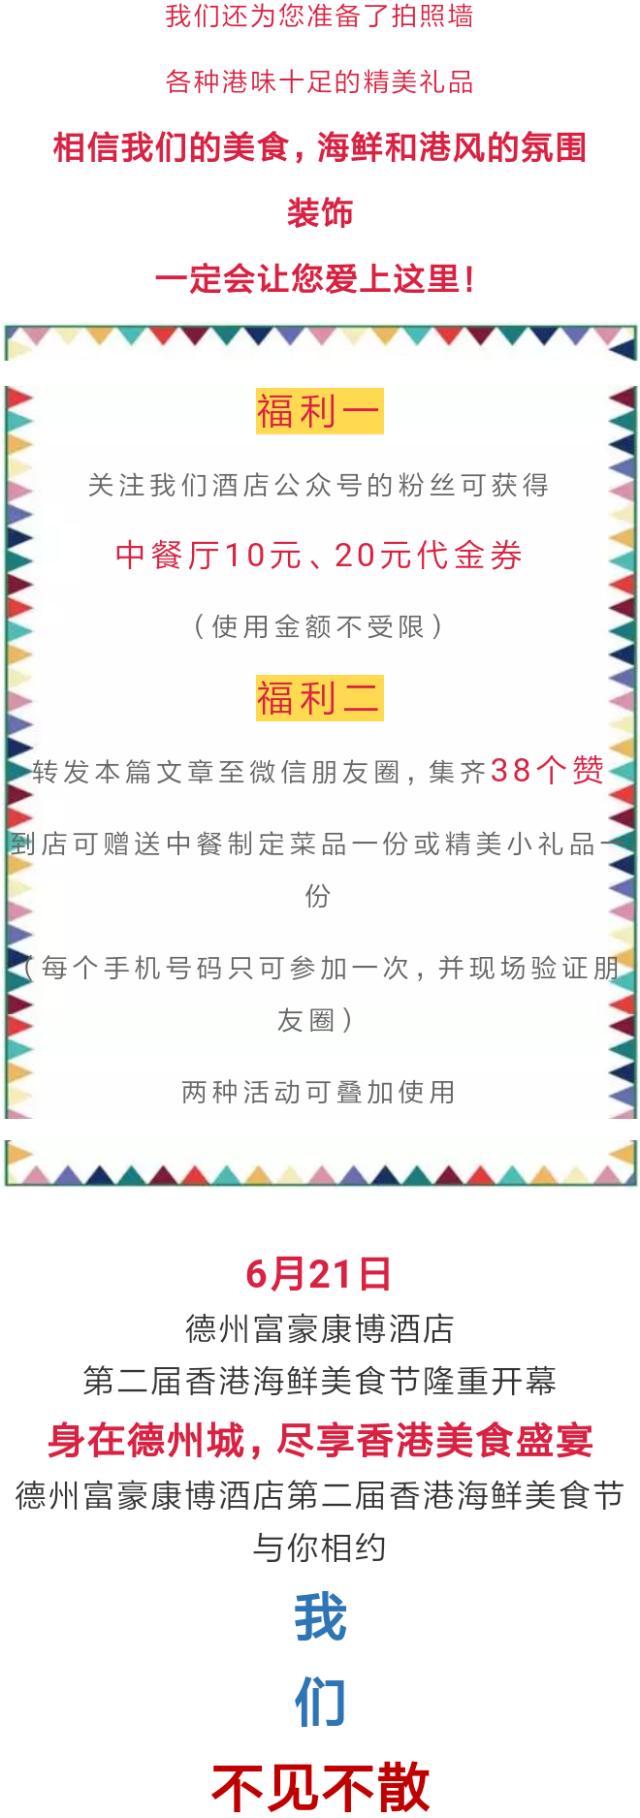 6月21日德州康博富豪美食厦门海鲜美食节邀你香港酒店七夕图片